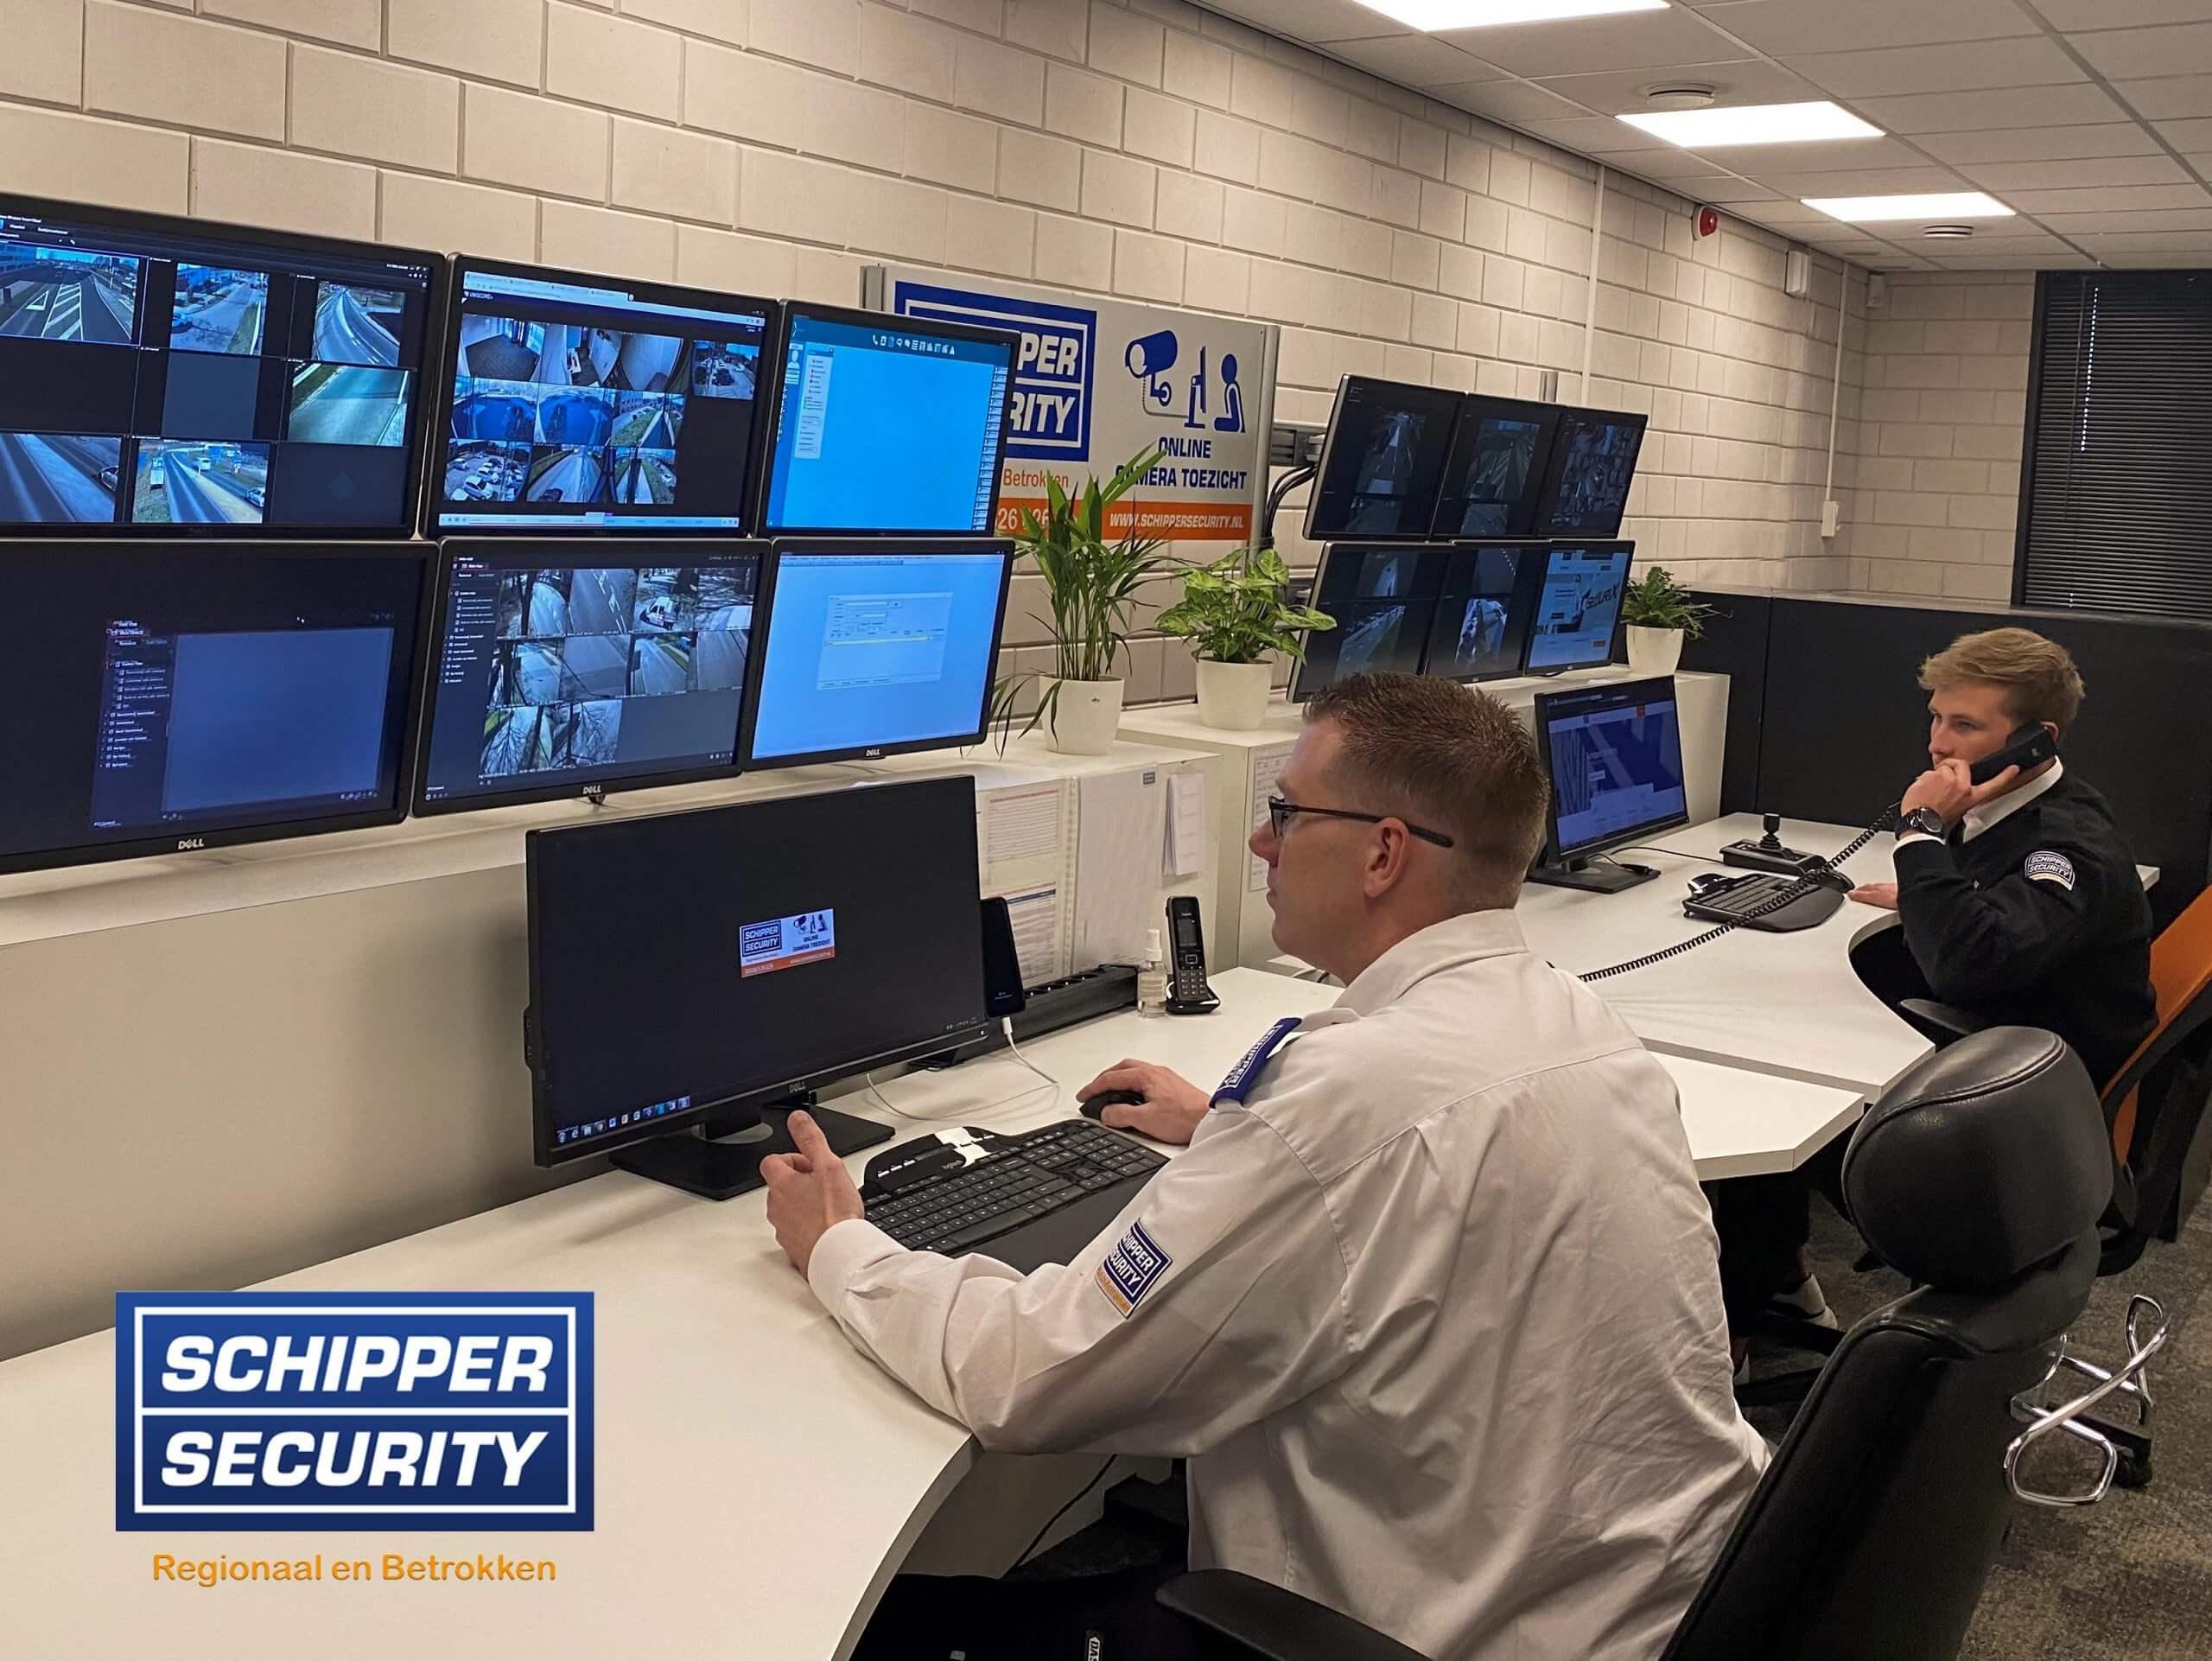 Meldkamer Schipper Security